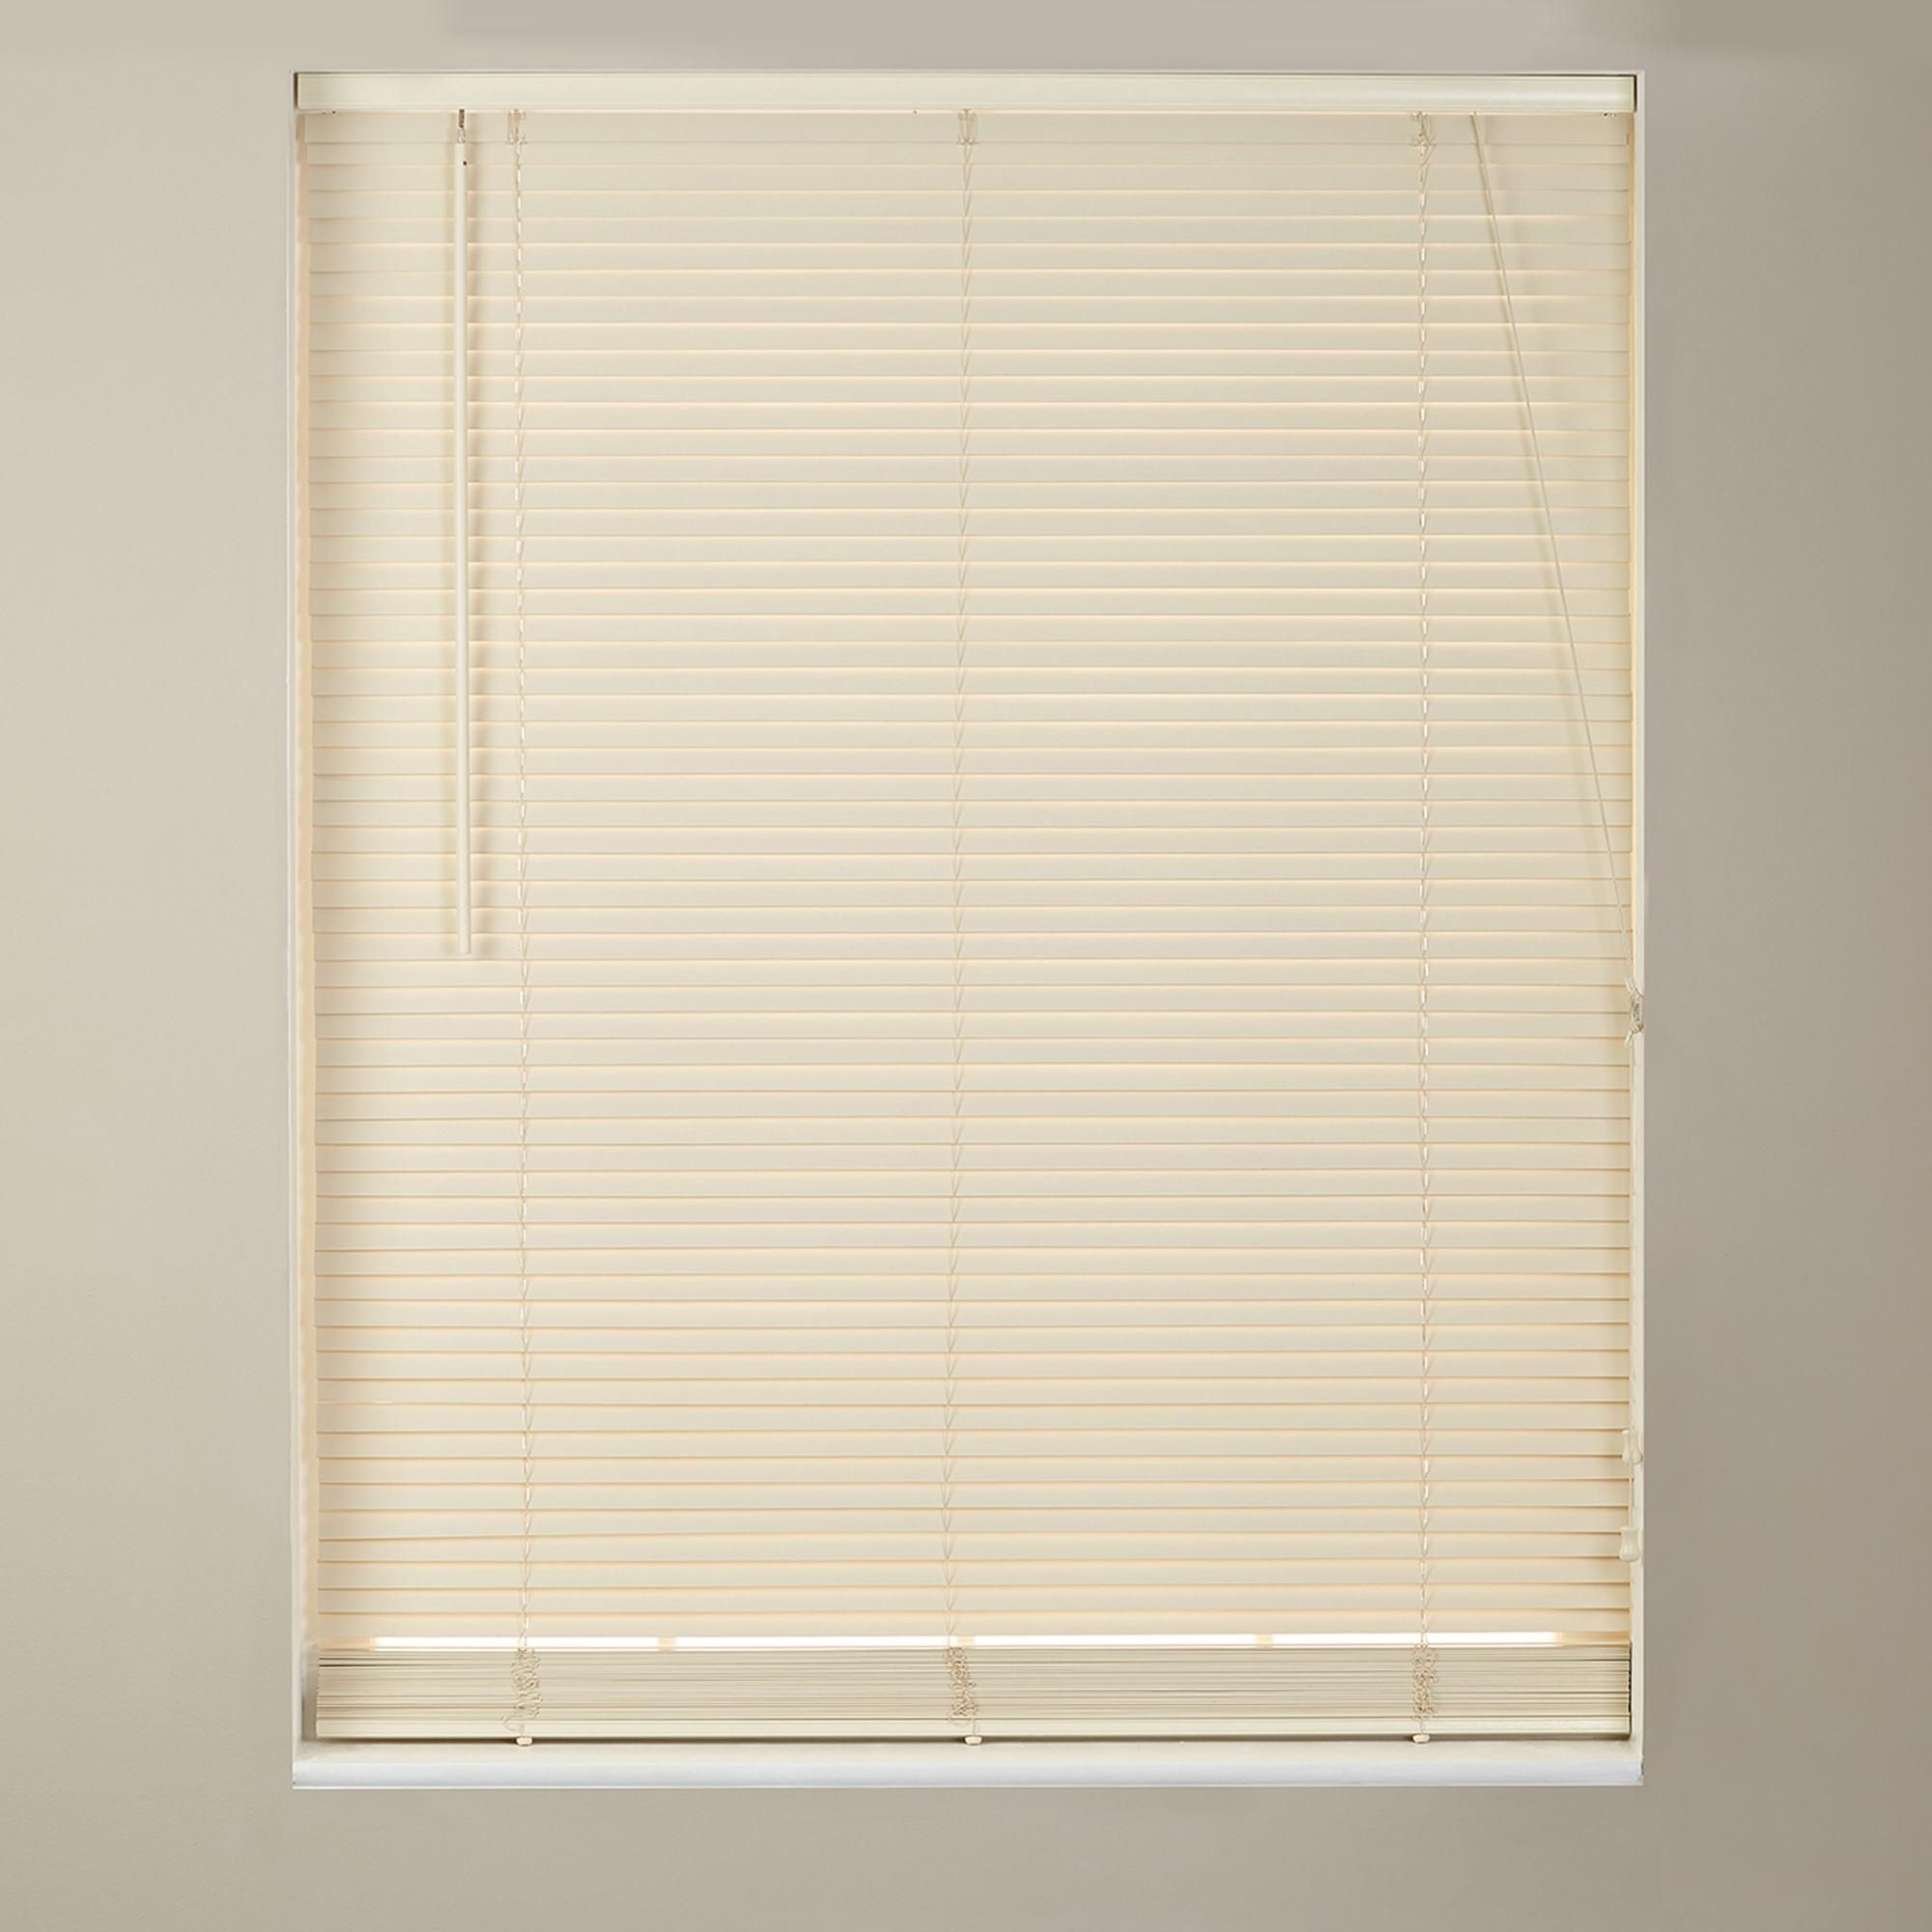 Cream Wooden Venetian Blind 27mm Slats In 2020 Blinds Venetian Blinds For Windows